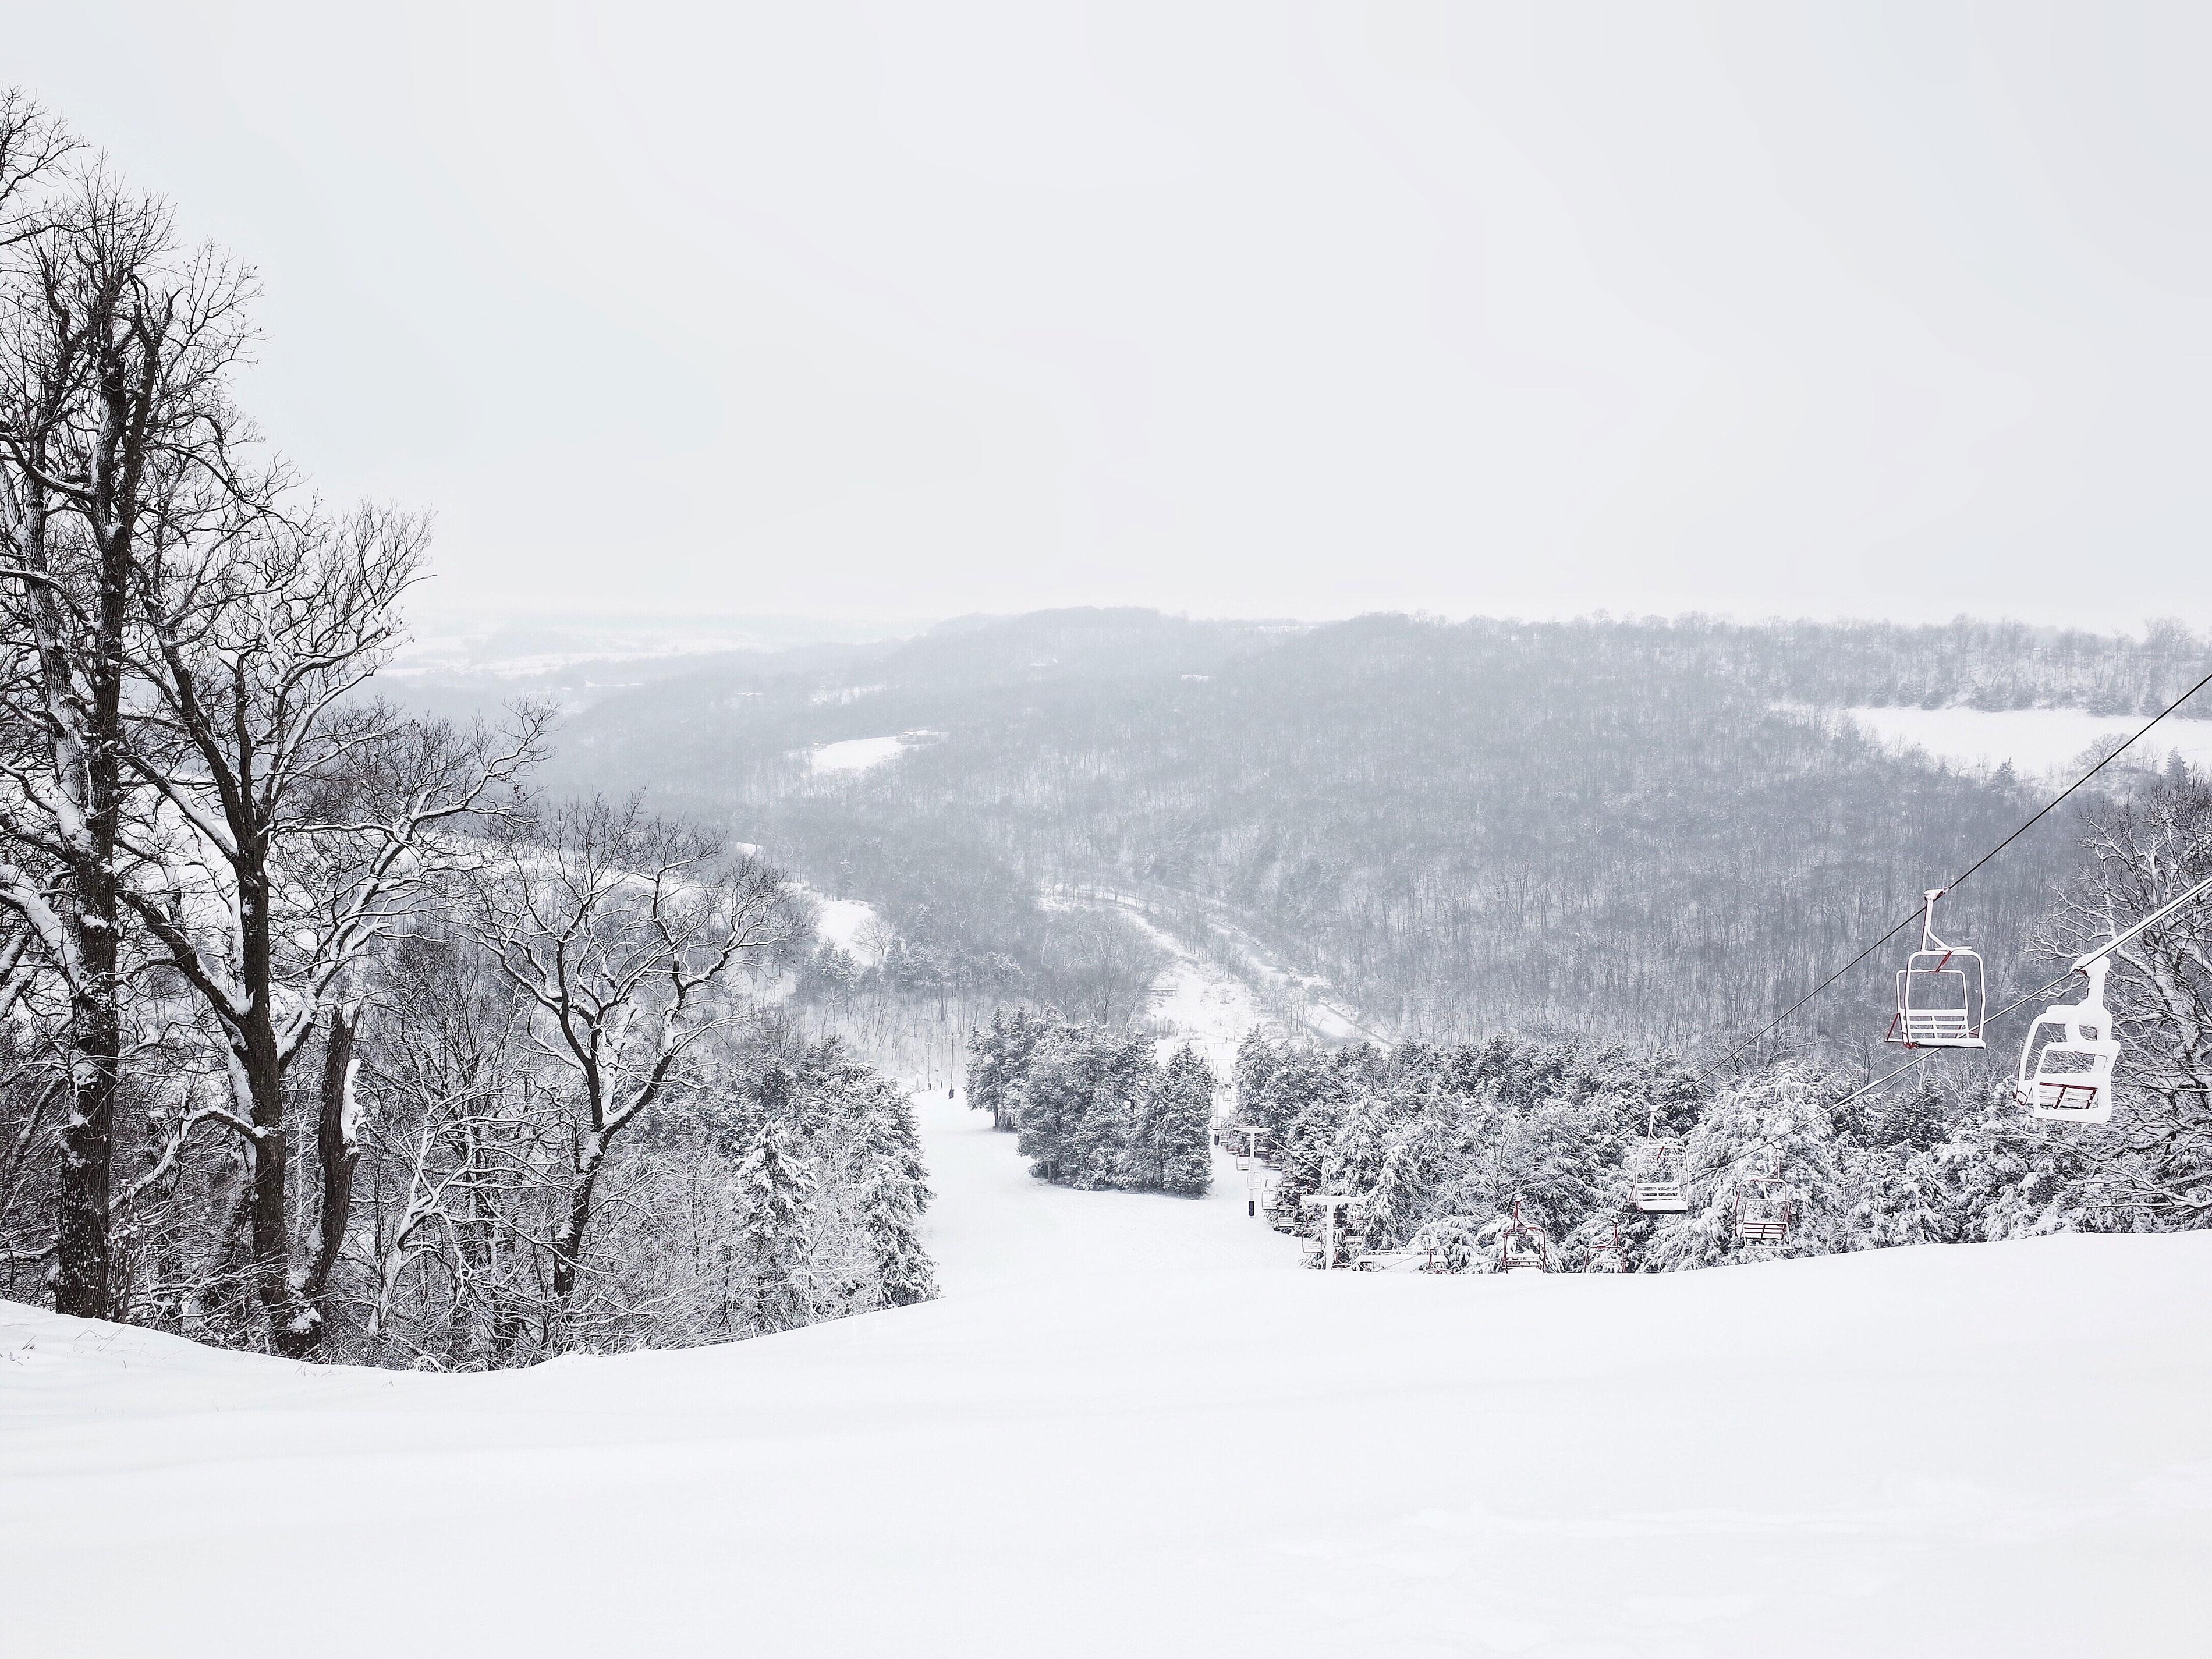 Sundown Mountain Resort Winter